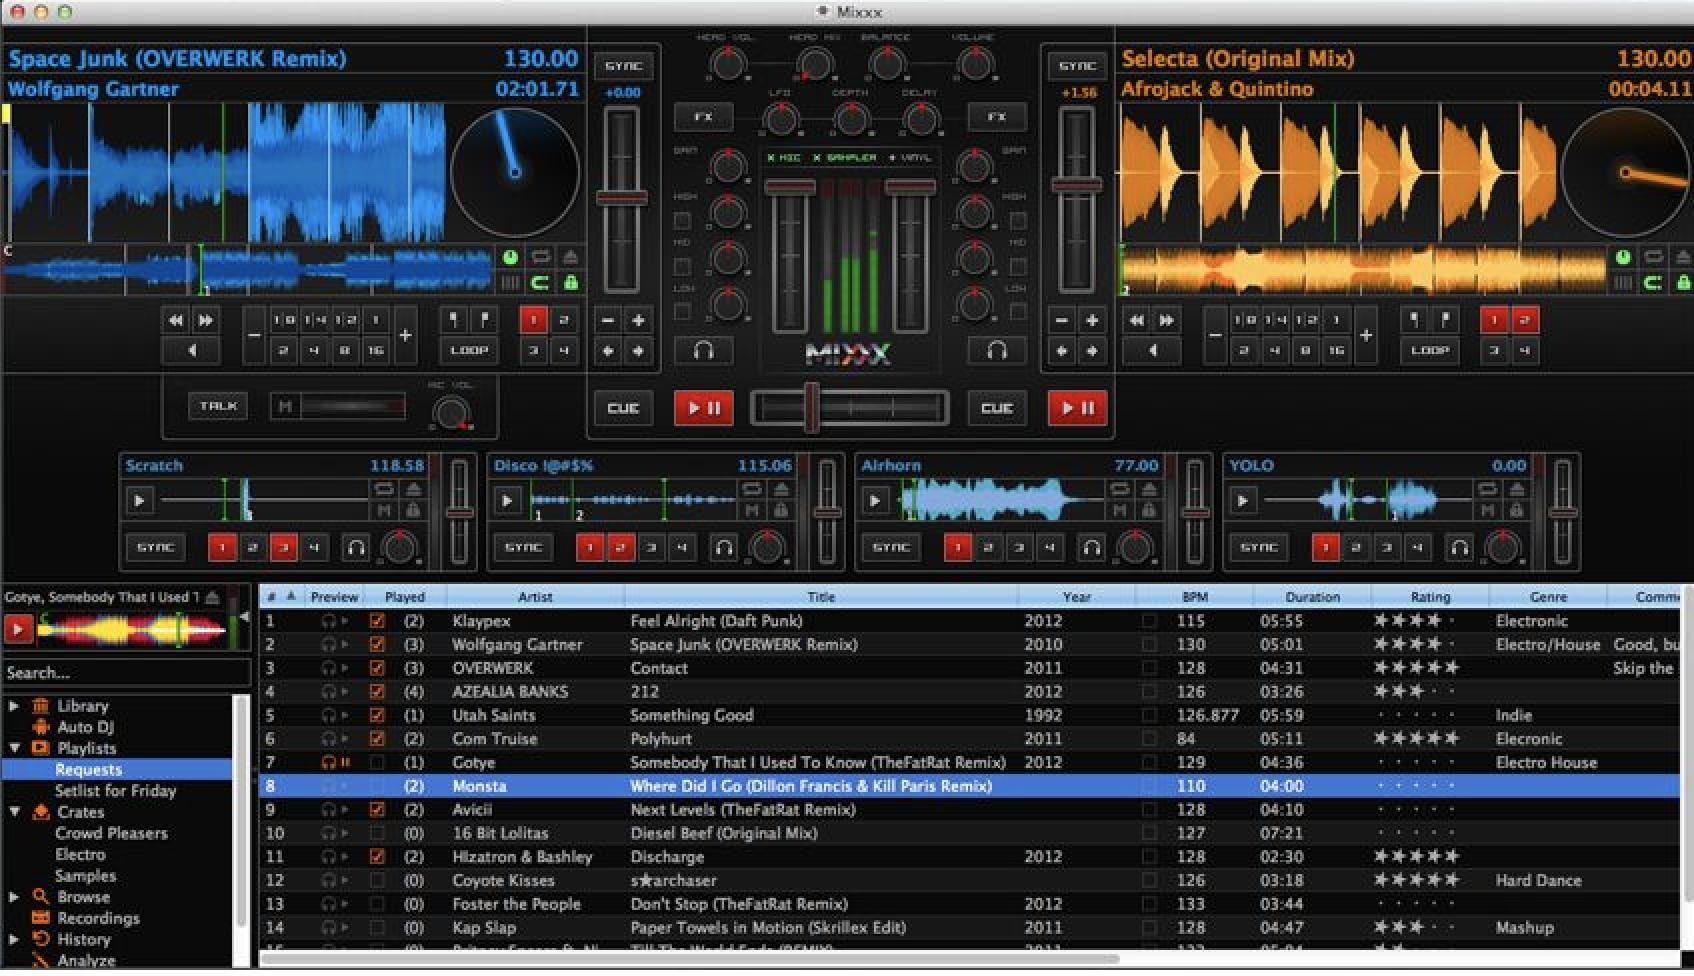 Loopazon, DJ MEXXX